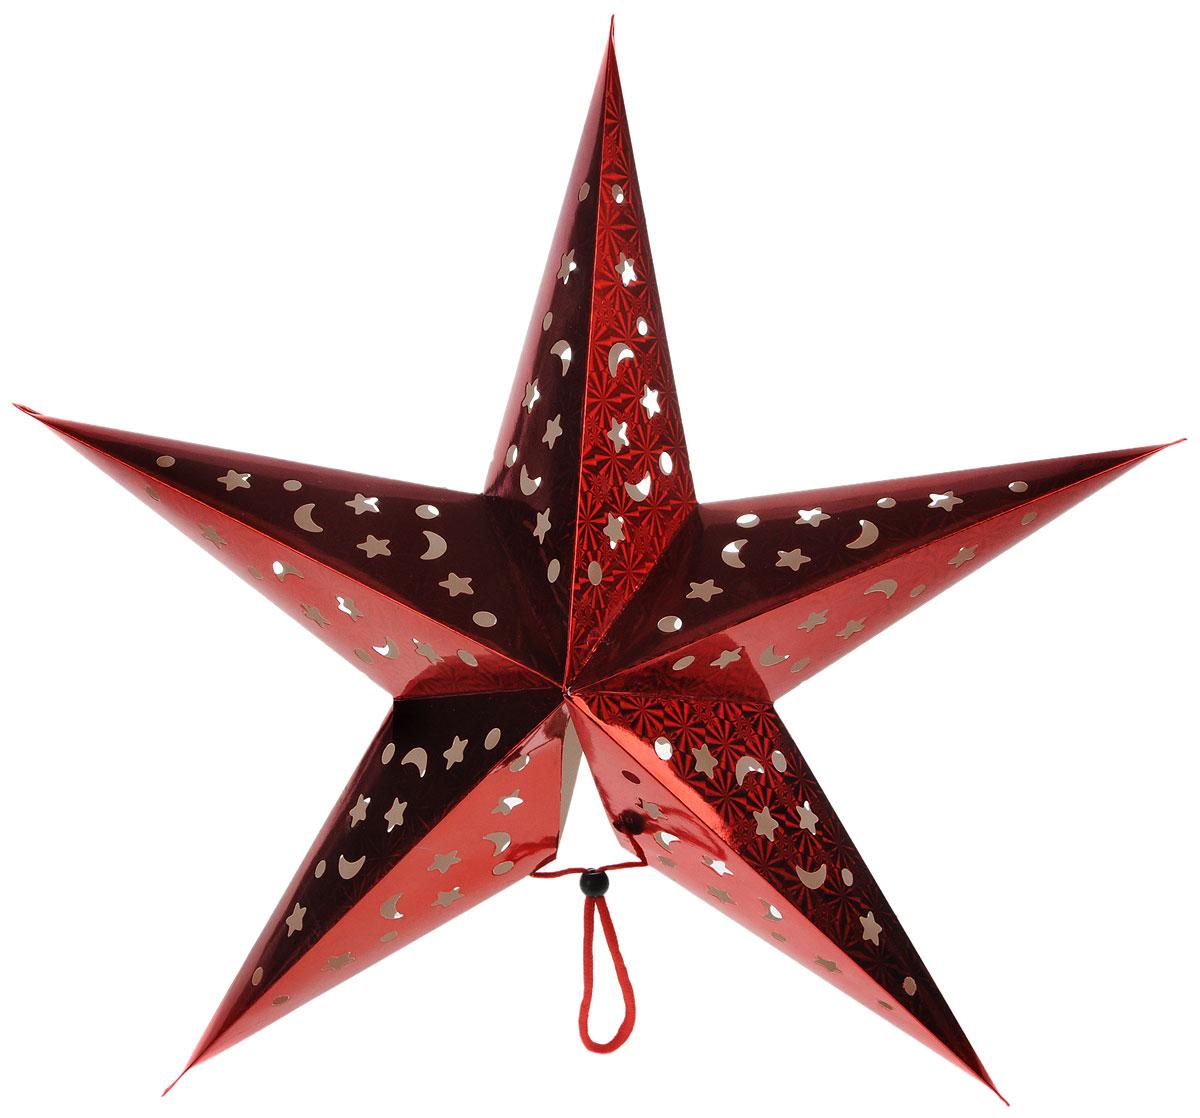 Украшение новогоднее House & Holder Звезда, со светодиодной подсветкой, 60 х 55 х 16 смRSP-202SНовогоднее украшение House & Holder Звезда выполнено из картона и оснащено светодиодной подсветкой, работающей от двух батареек типа АА. Изделие можно подвесить в любом понравившемся вам месте. Такое украшение поможет украсить дом или офис к предстоящим праздникам. Новогодние украшения всегда несут в себе волшебство и красоту праздника. Создайте в своем доме атмосферу тепла, веселья и радости, украшая его всей семьей.Размеры звезды: 60 х 55 х 16 см.длина подсветки: 130 см.